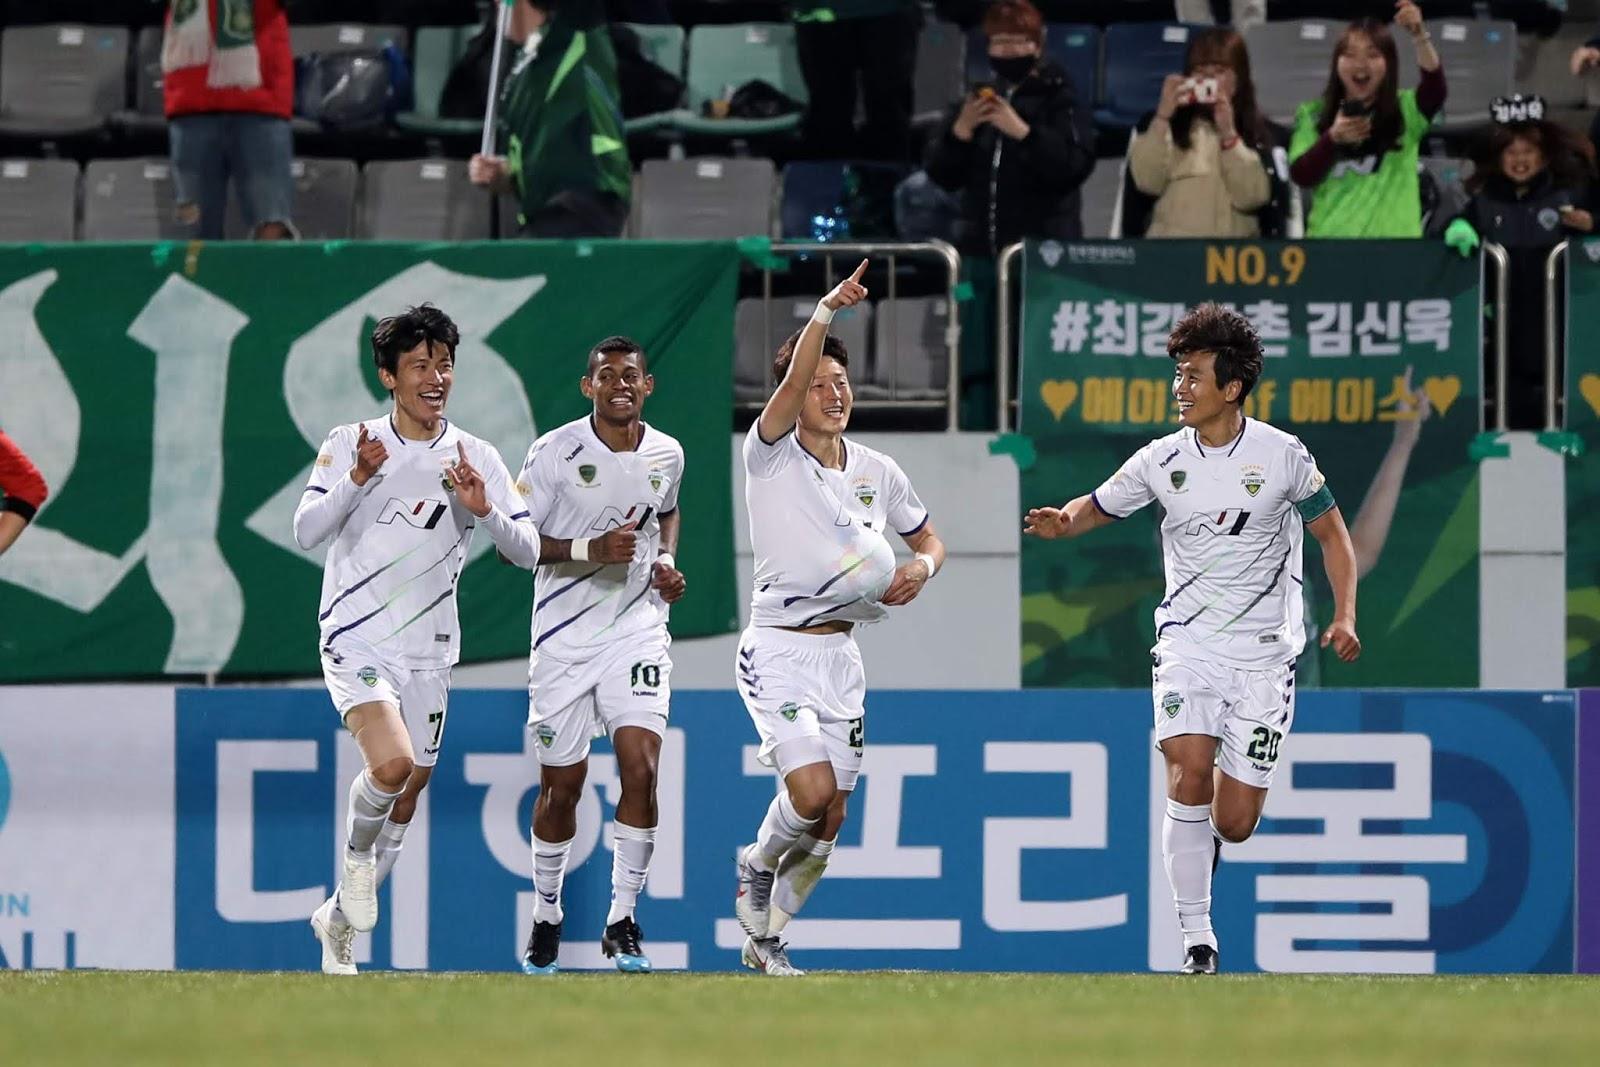 K League 2 Preview: Gyeongnam FC vs Jeonbuk Hyundai Motors